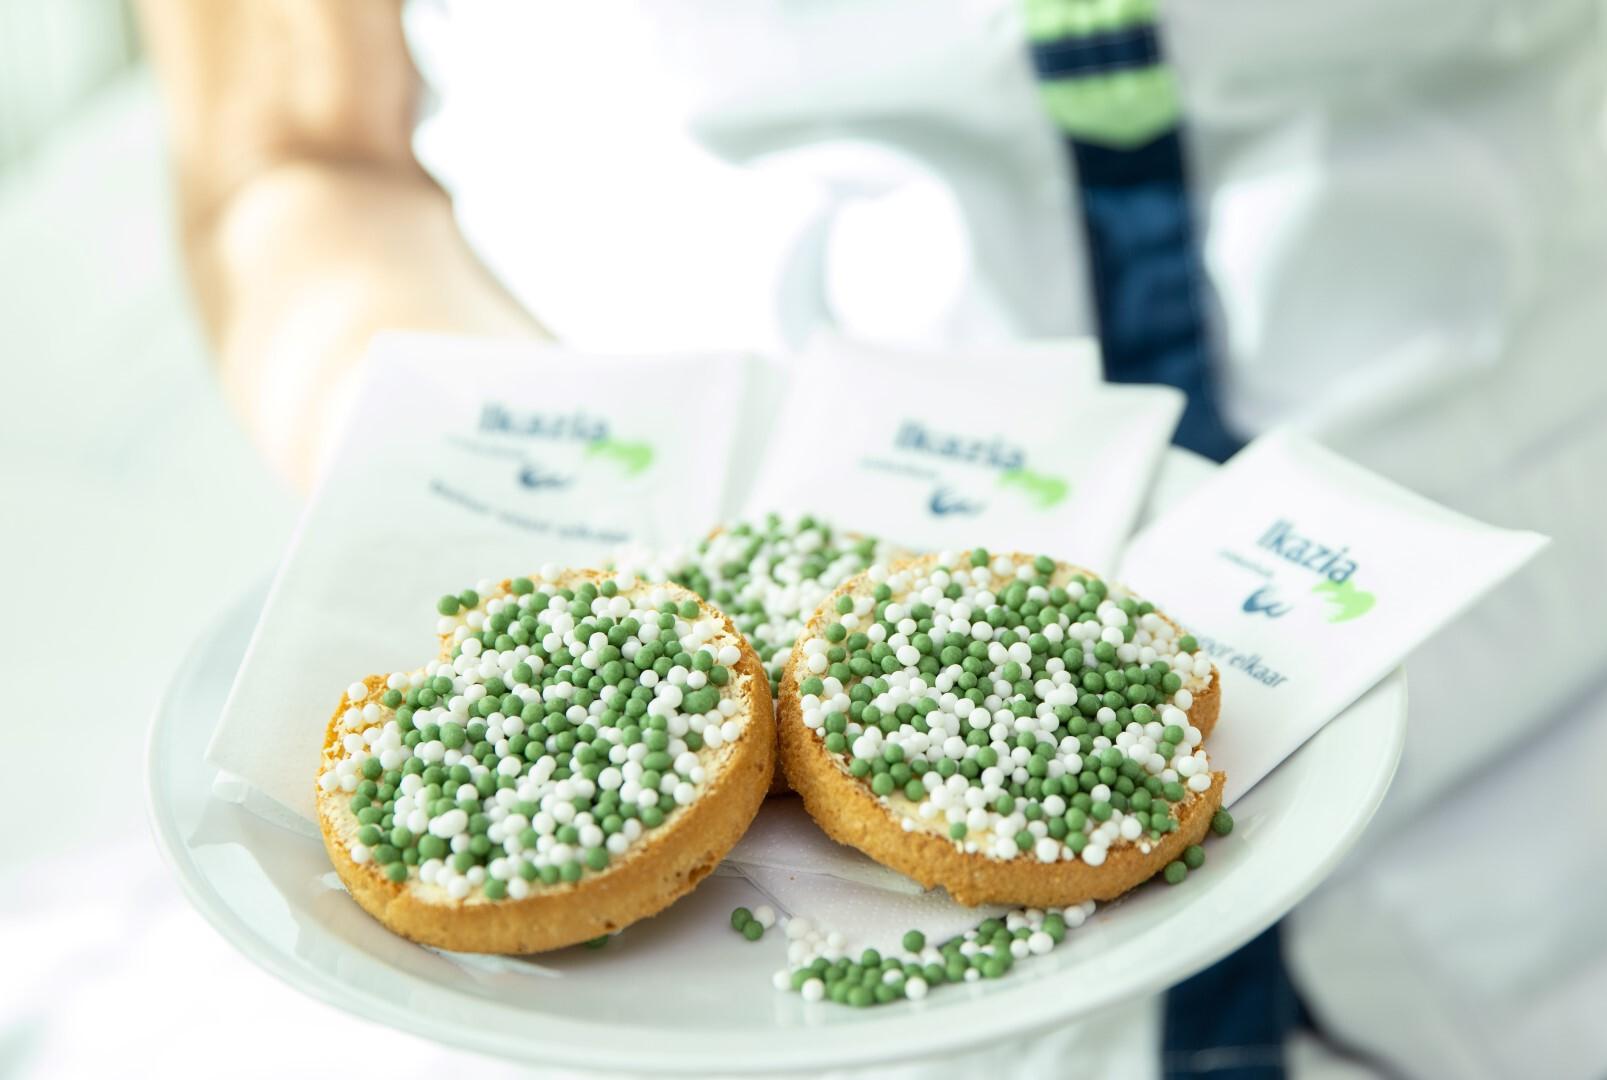 Ikazia trakteert als eerste Rotterdamse ziekenhuis op groen-witte muisjes